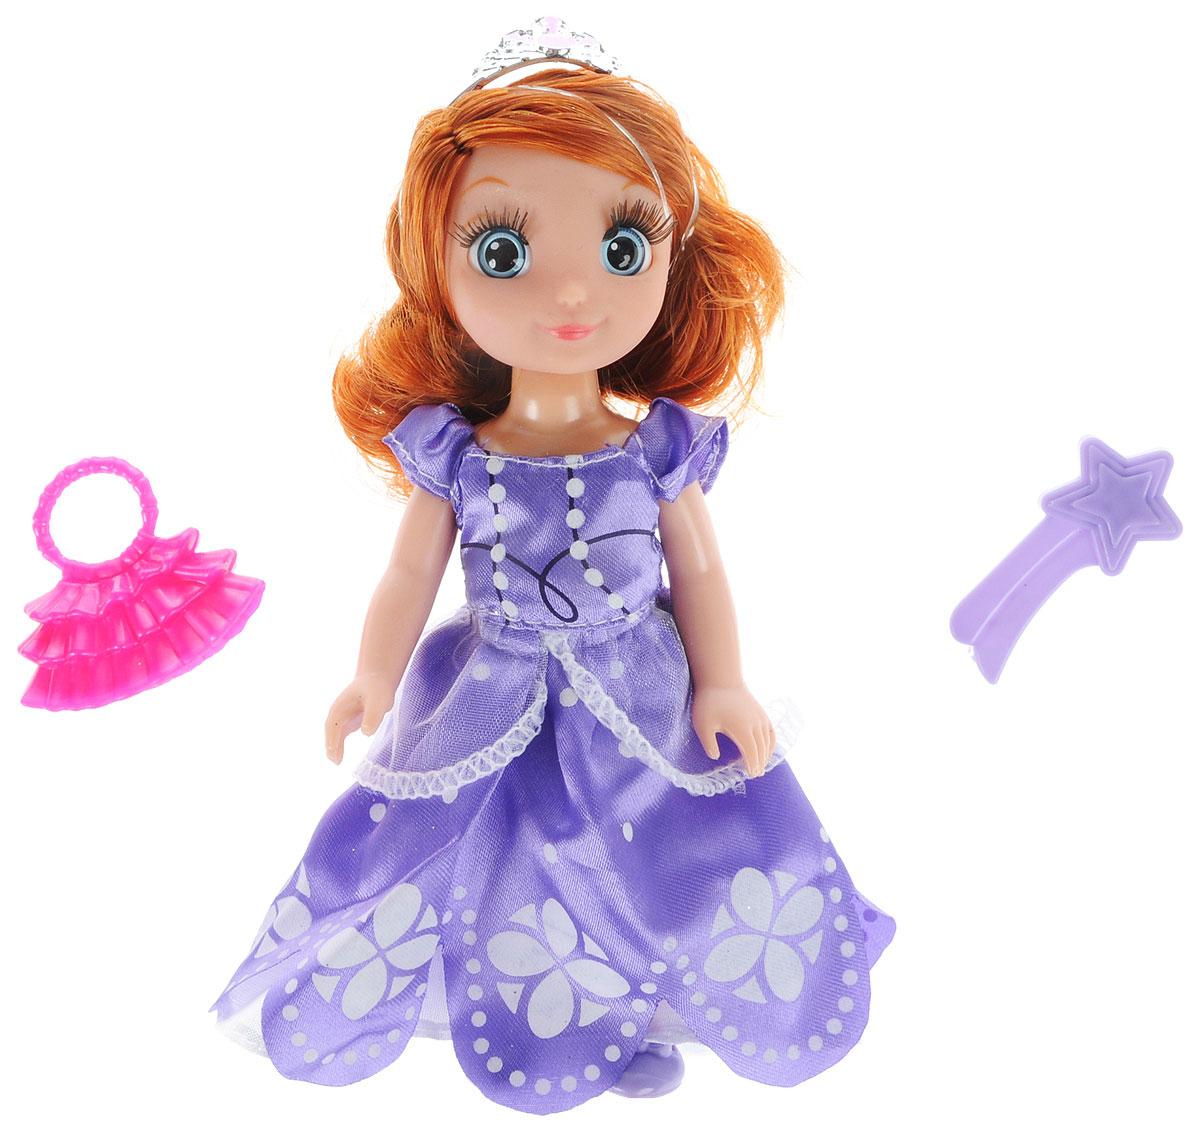 Карапуз Кукла озвученная Принцесса София с набором одежды цвет светло-фиолетовый куклы карапуз кукла полина 30см озвученная с набором одежды